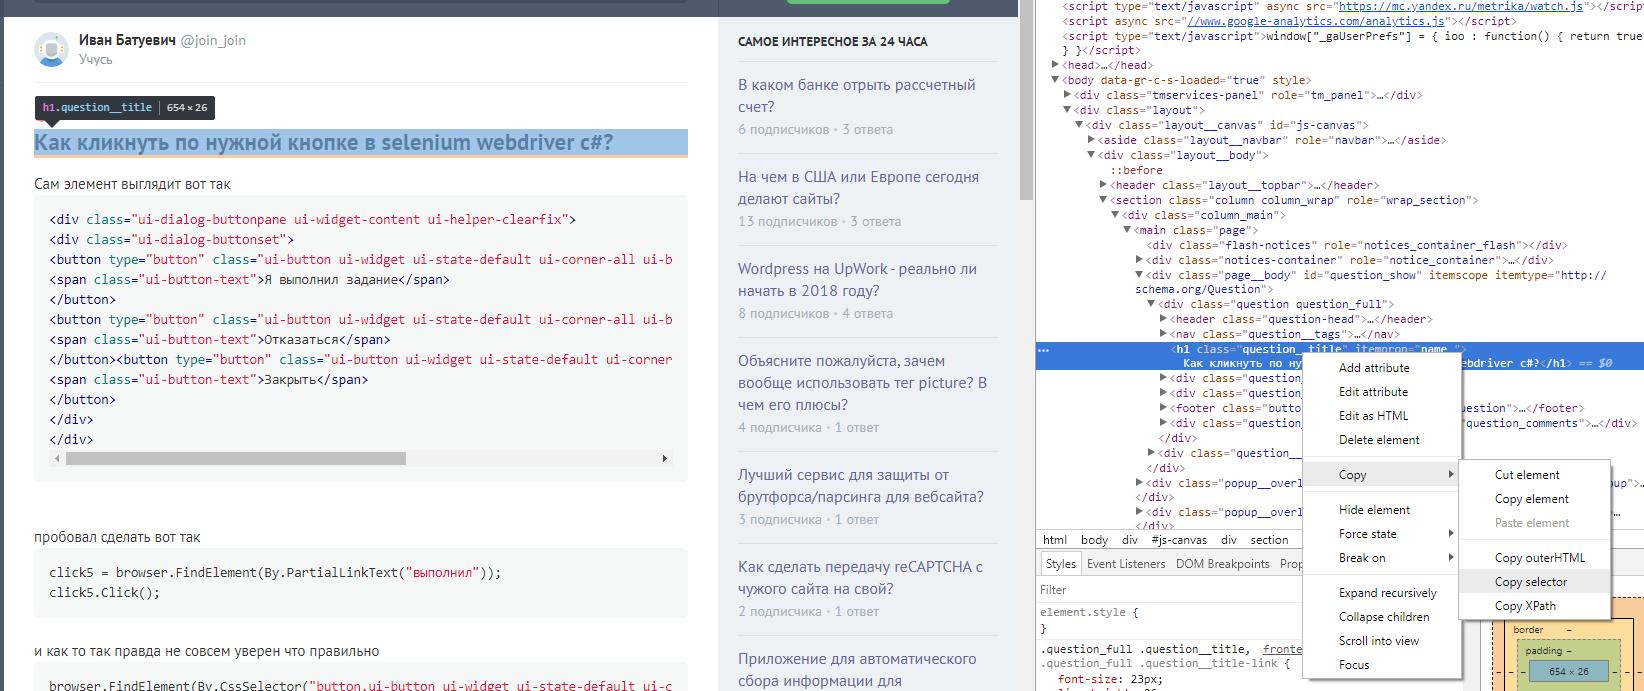 Как кликнуть по нужной кнопке в selenium webdriver c